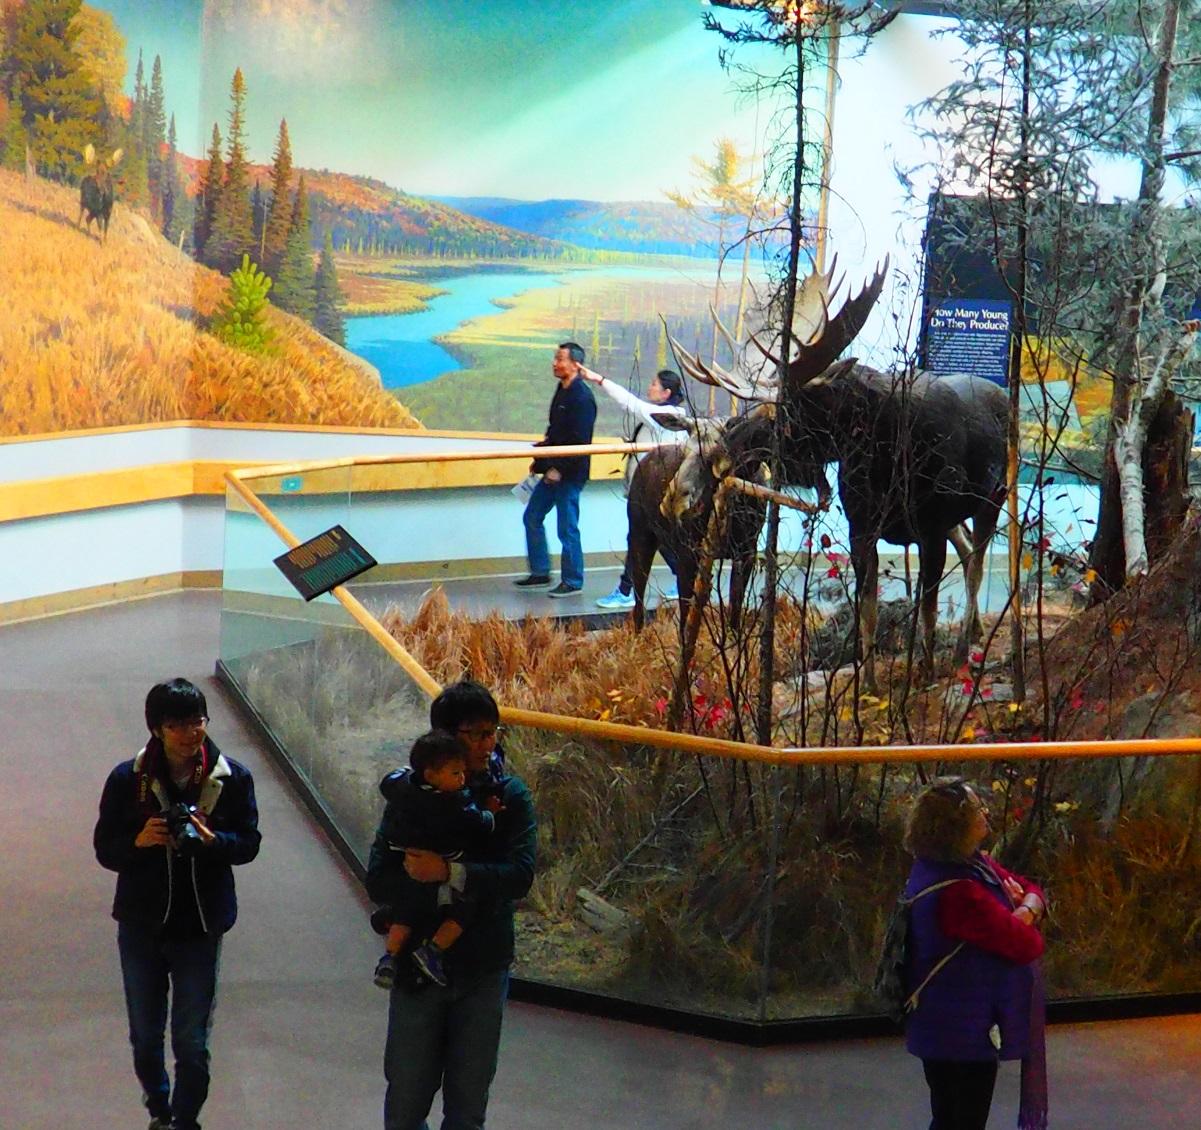 Visitor Centre, Algonquin Park, Ontario, Canada, Autumn 2019